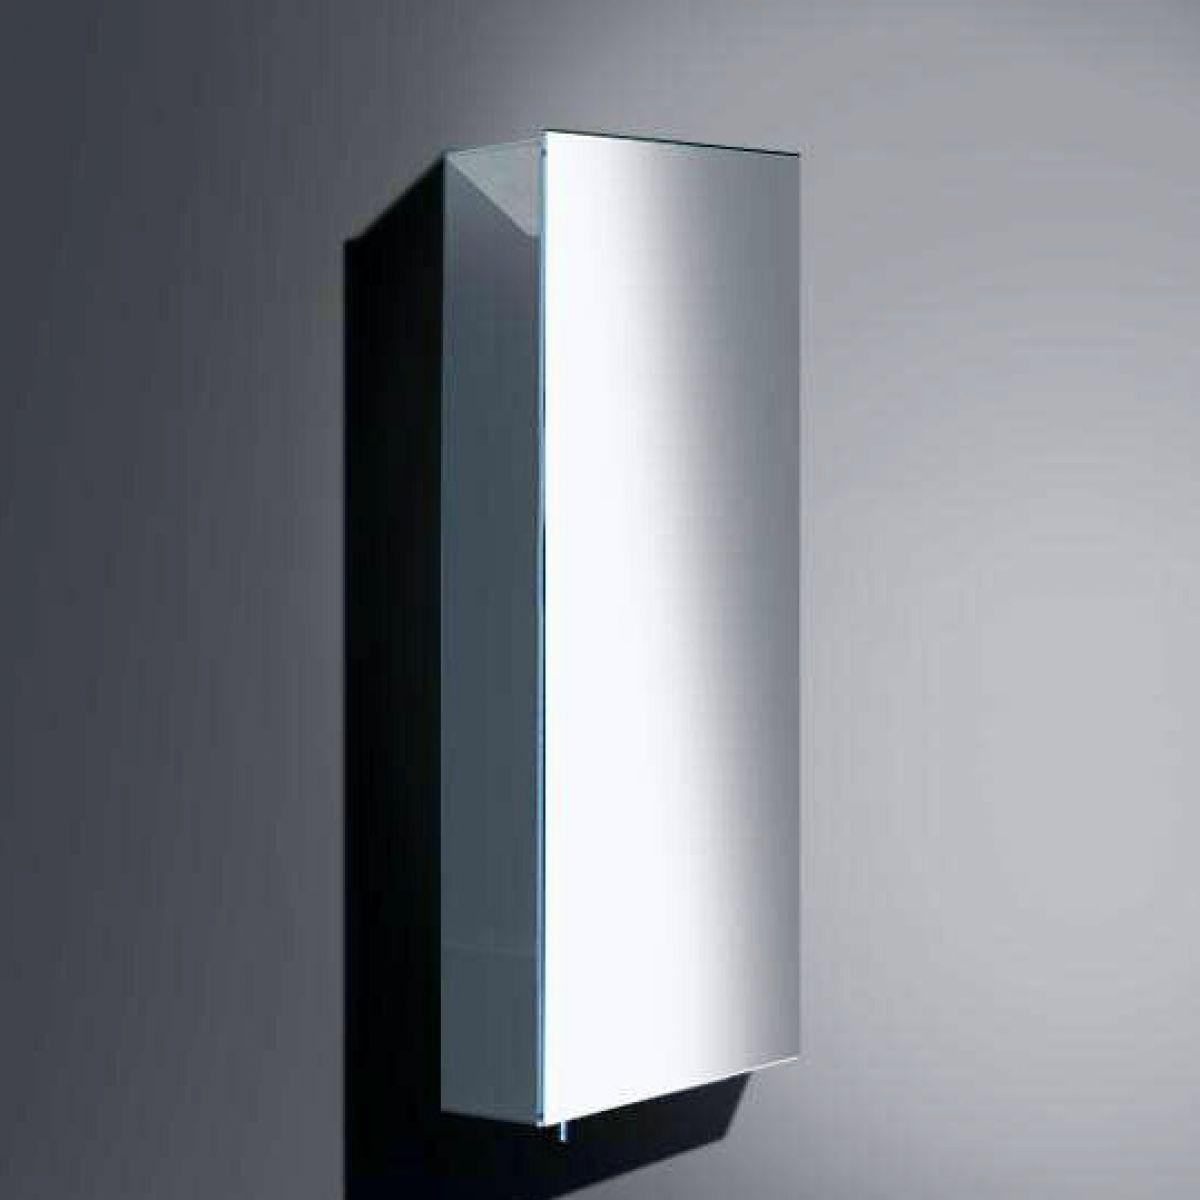 Keuco Royal 30 Bathroom Mirror Cabinet - 05623171100